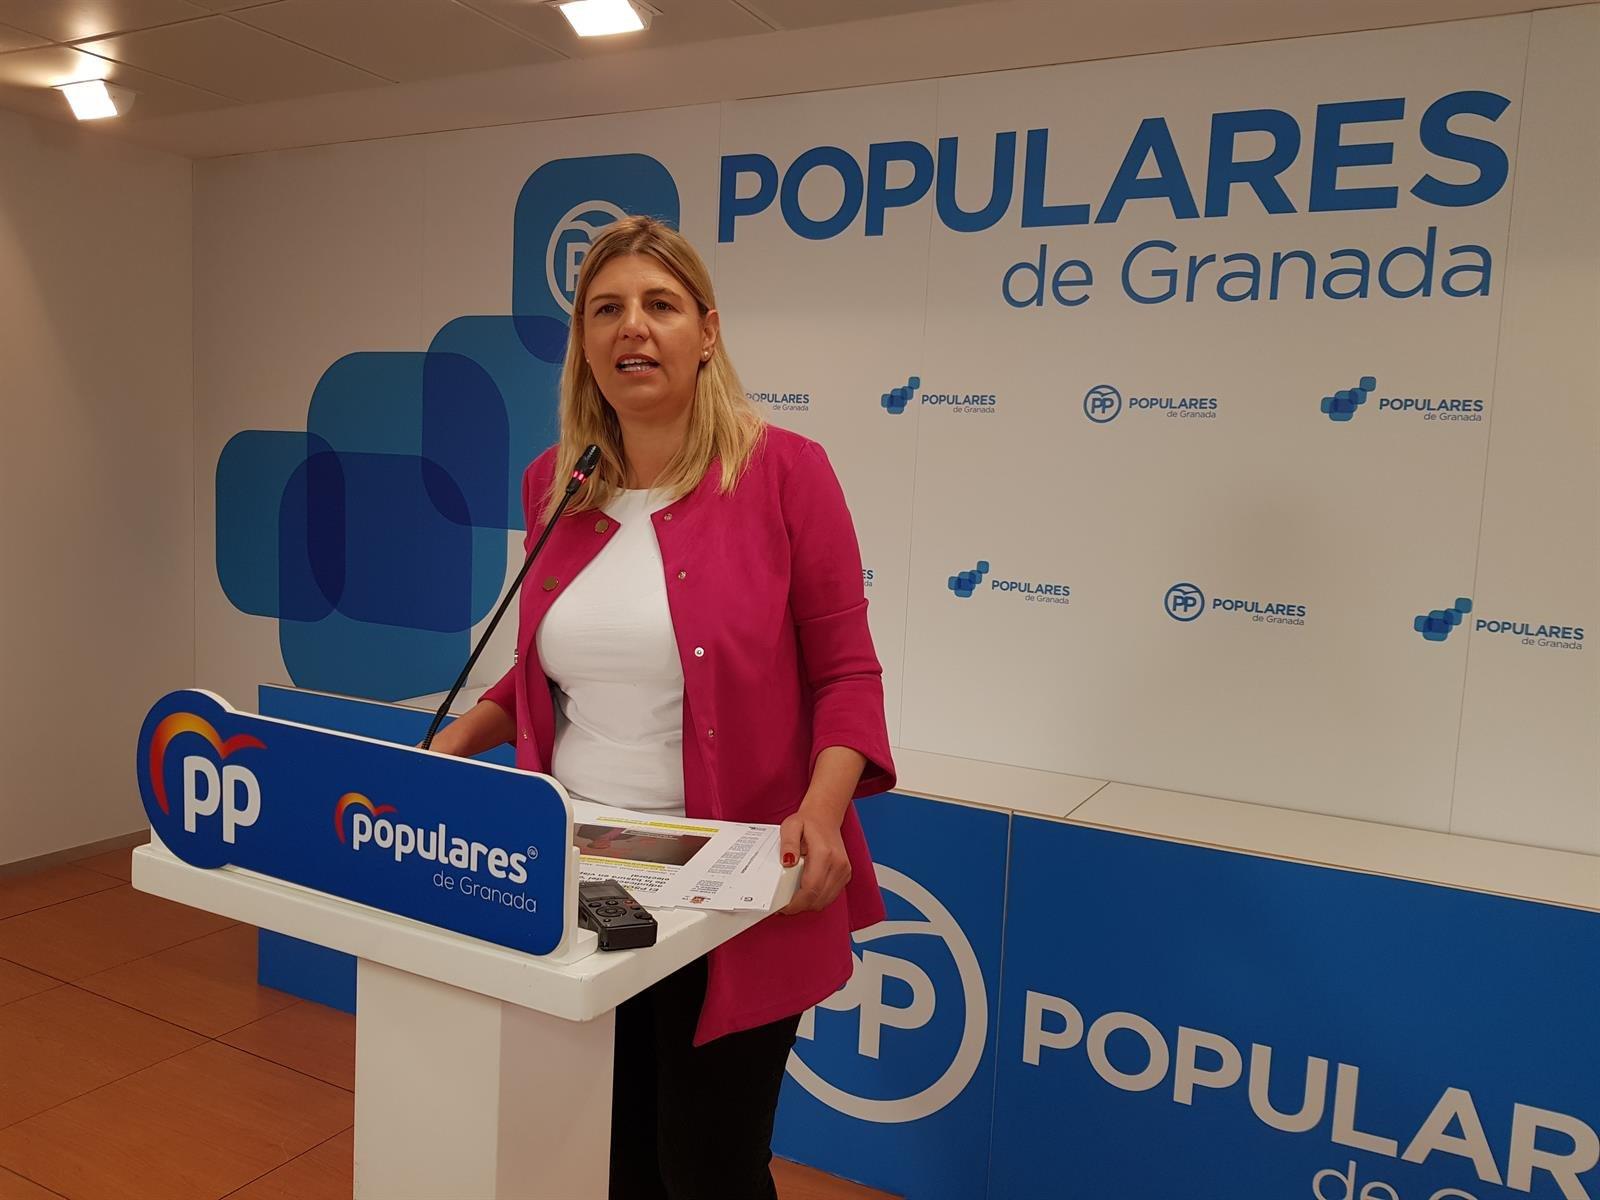 El PP exige a Entrena que colabore con la Subdelegación «y la salve del ridículo por la tramitación del IMV